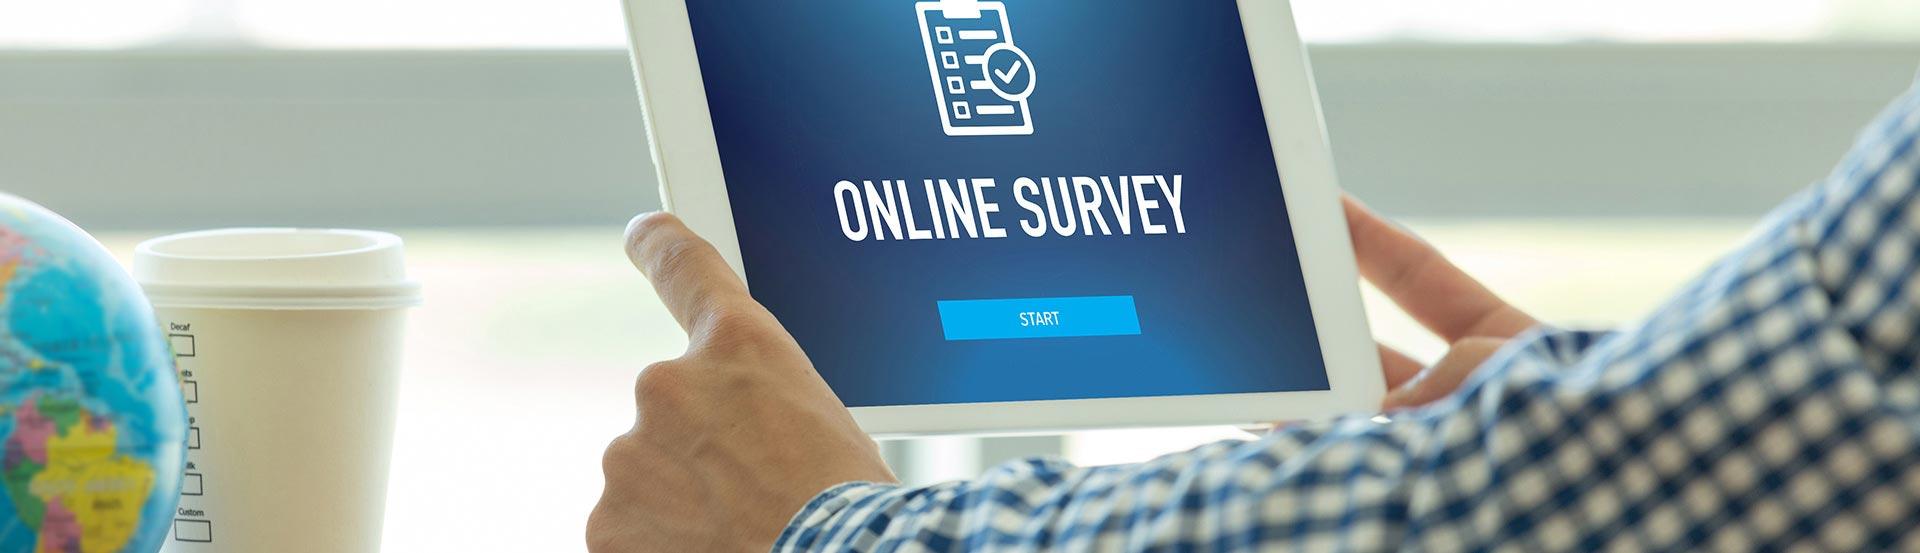 Les composantes d'une étude en ligne